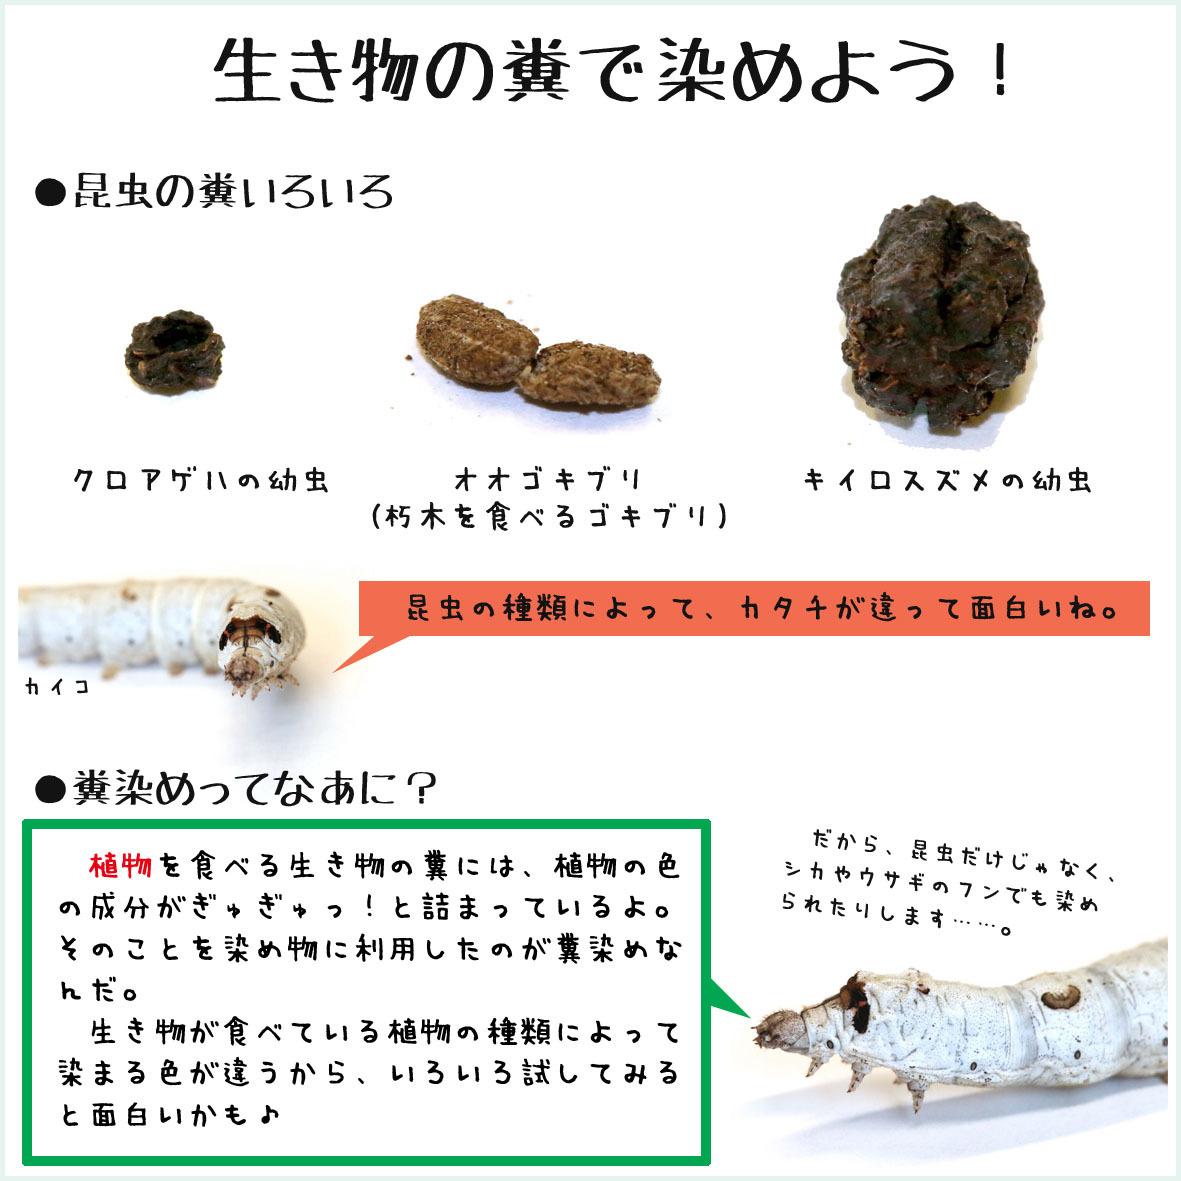 2017_箱庭動物園と遊蛾堂2_01